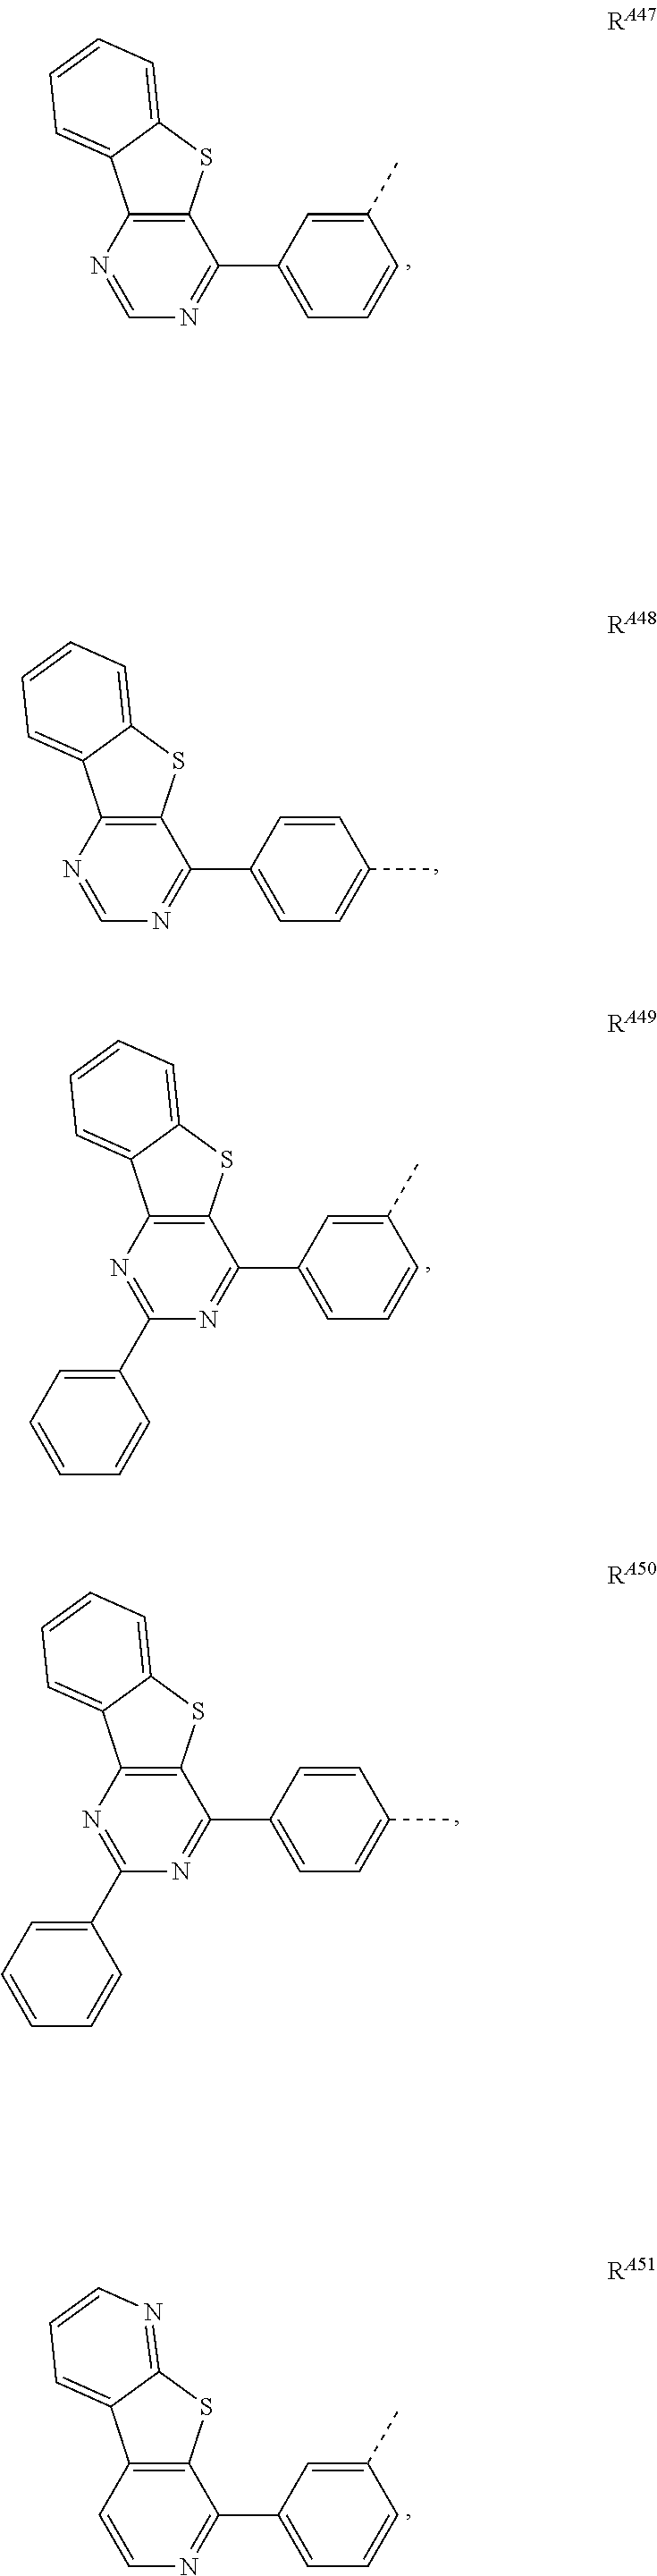 Figure US09761814-20170912-C00014